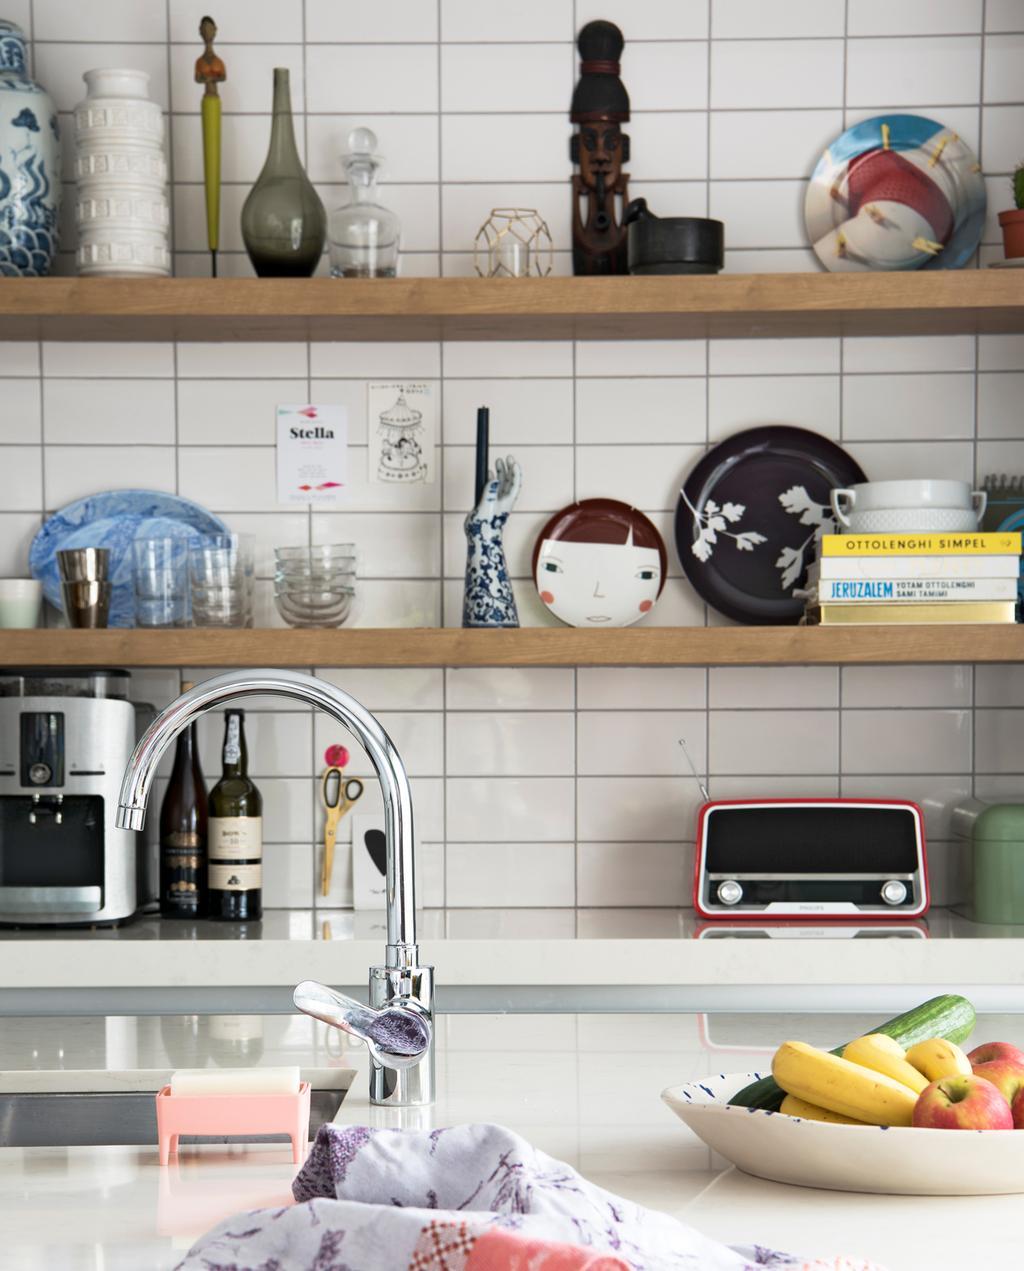 vtwonen binnenkijken special | binnenkijken in een kleurrijk nieuwbouwhuis in Eindhoven keuken planken